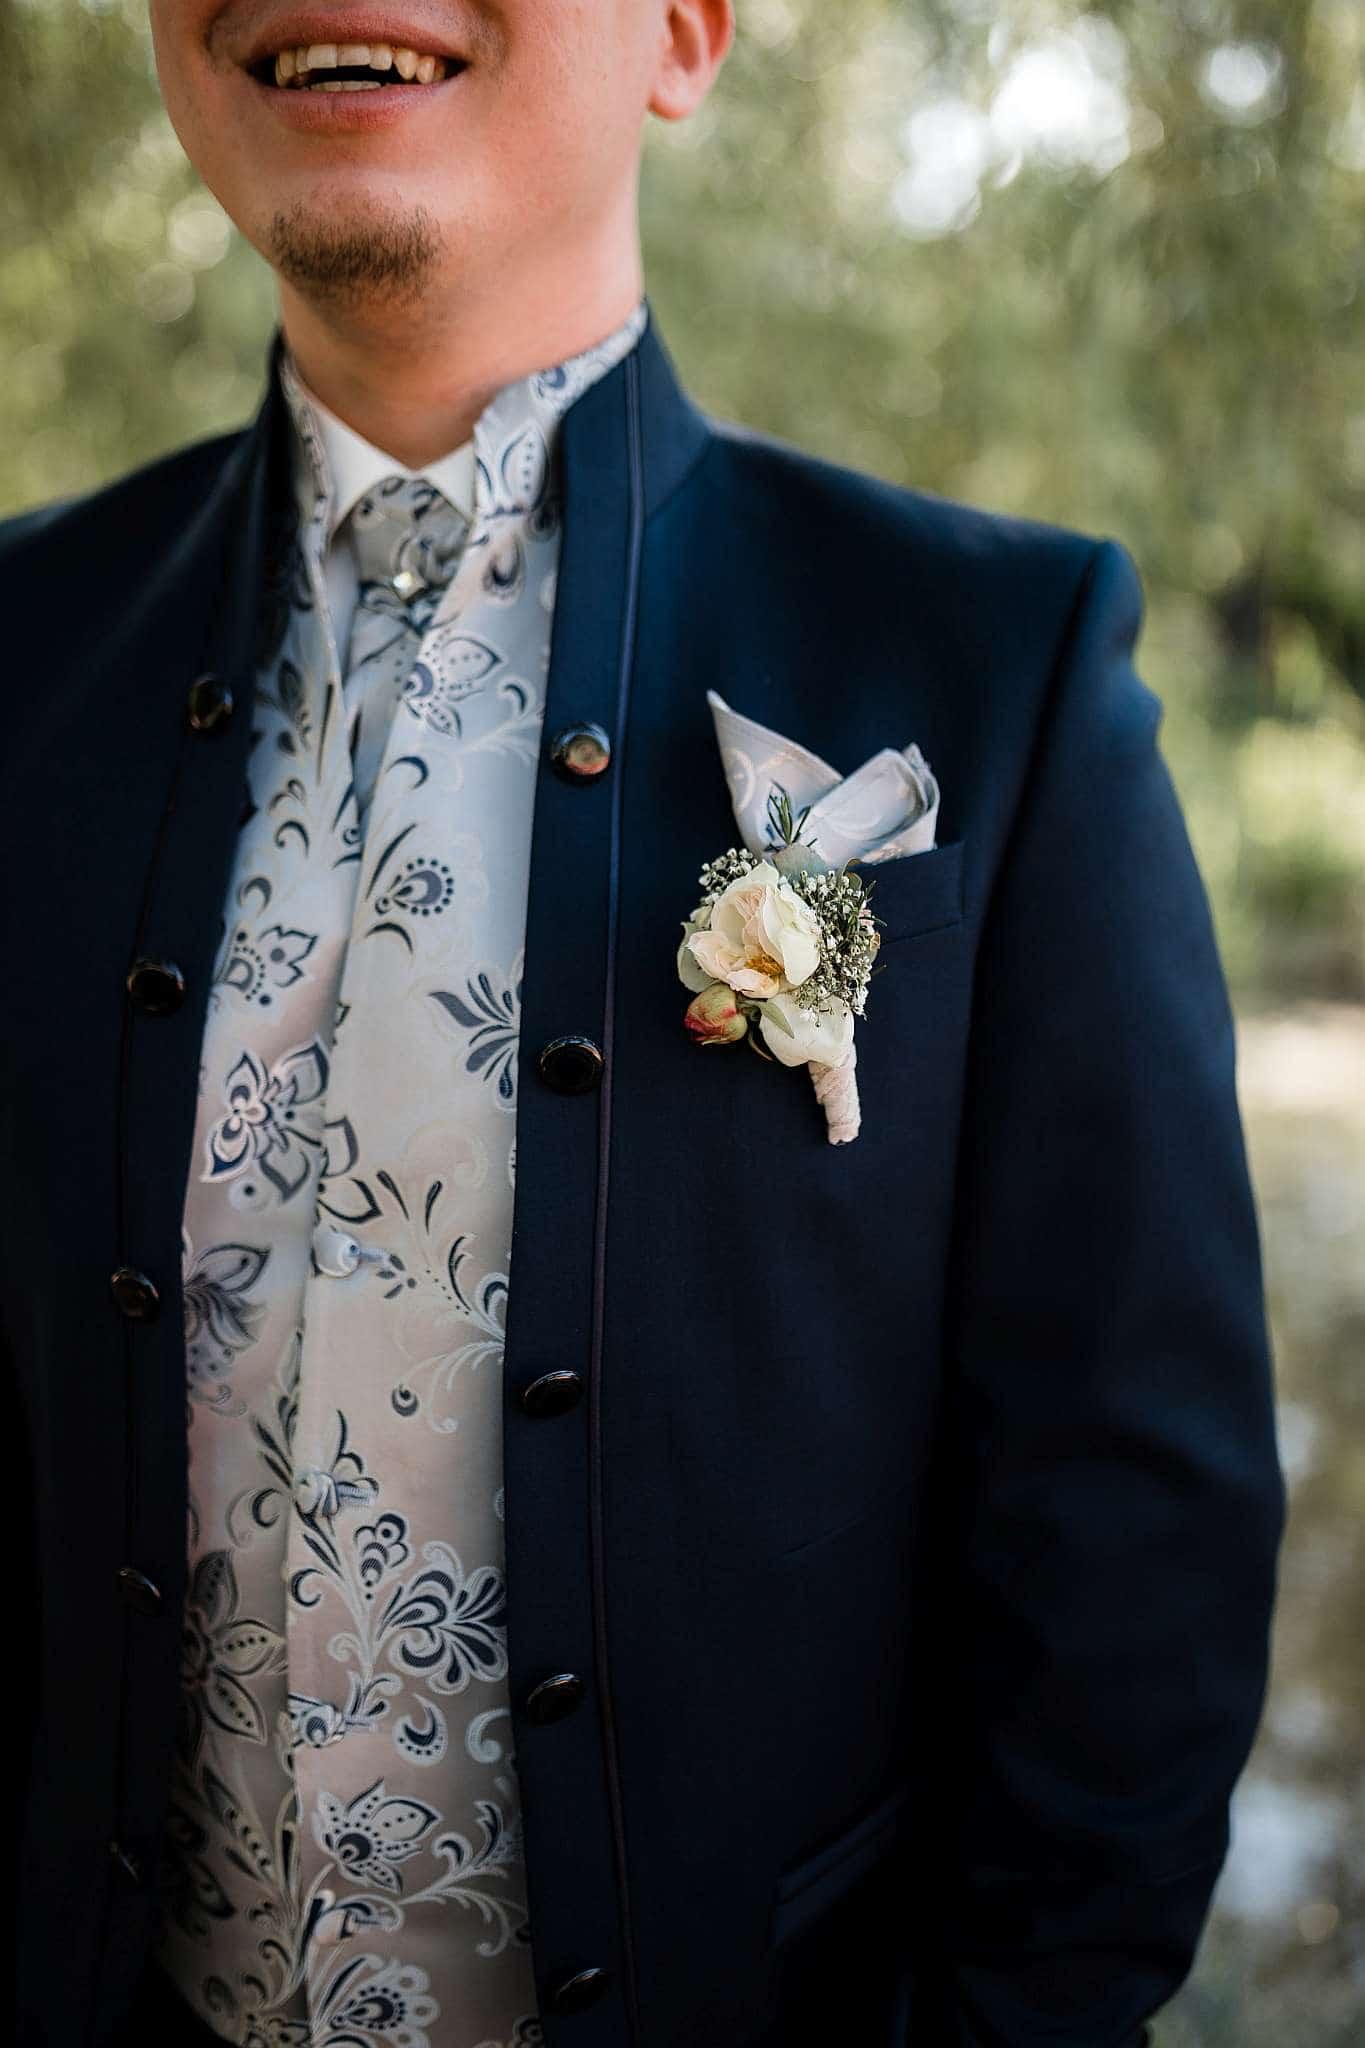 Hochzeit in Kaiserslautern: Details beim Bräutigam